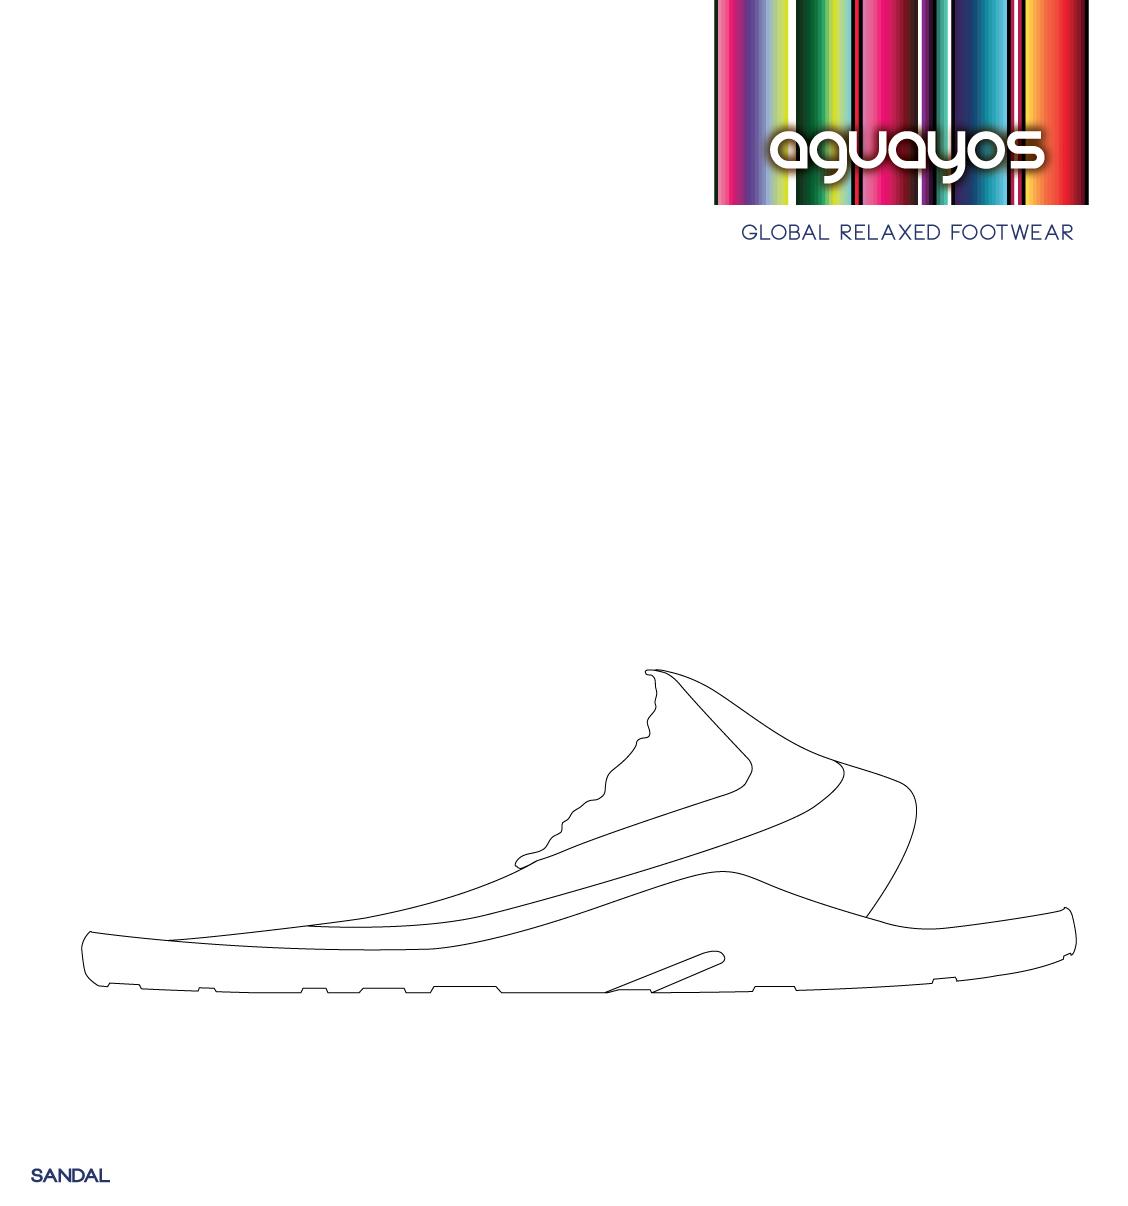 Aguayos-Lateral-sandal.jpg